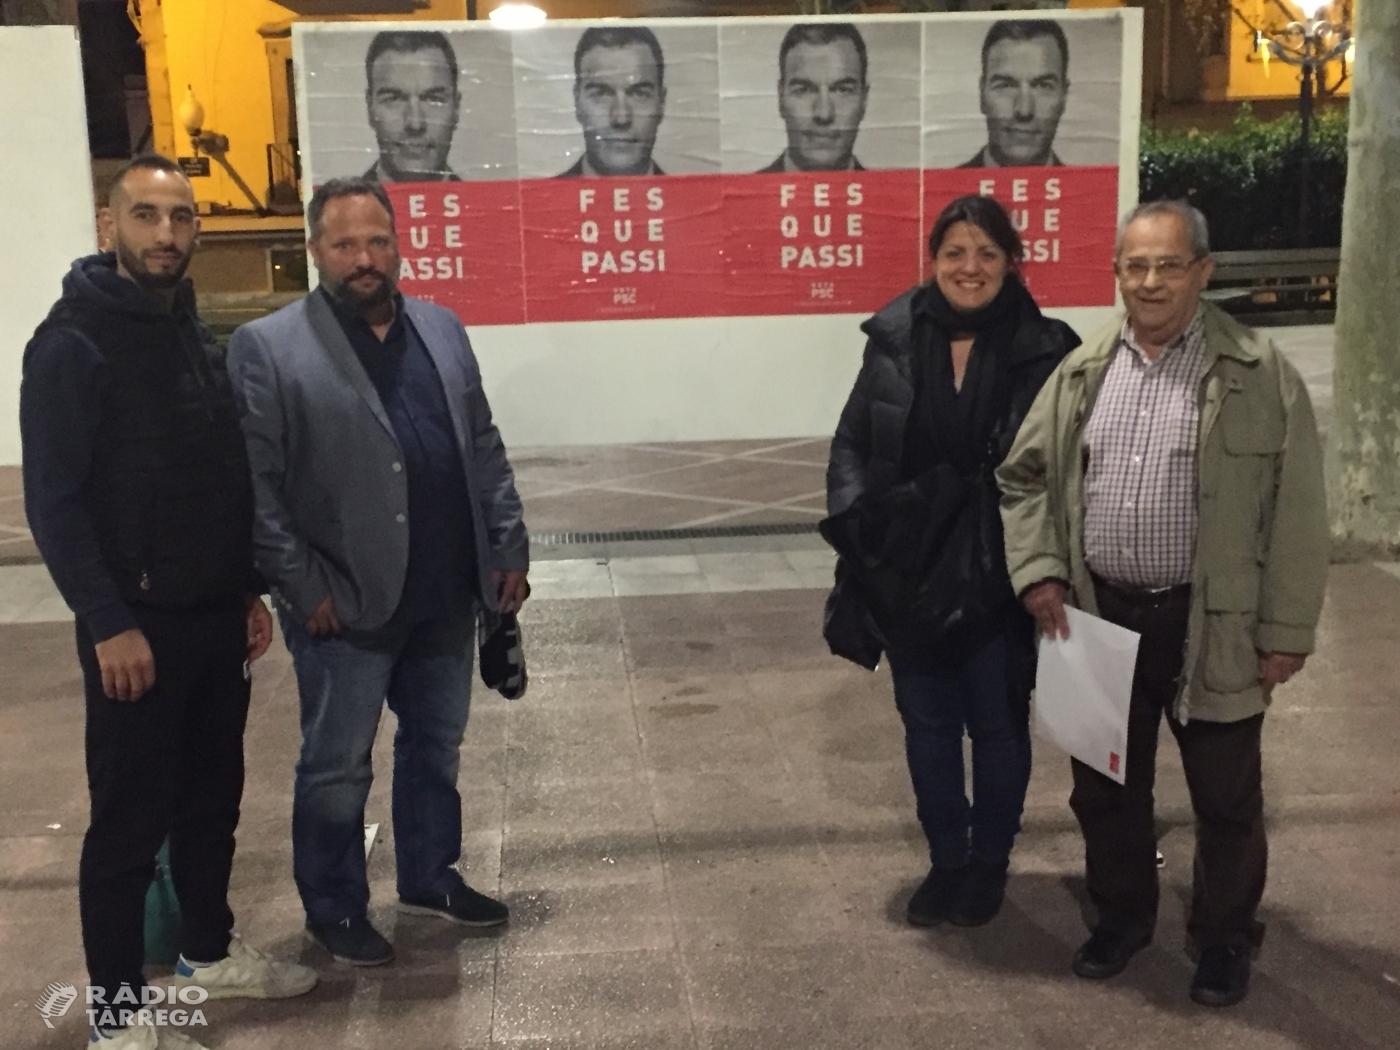 Tret de sortida a la campanya electoral del PSC a Tàrrega